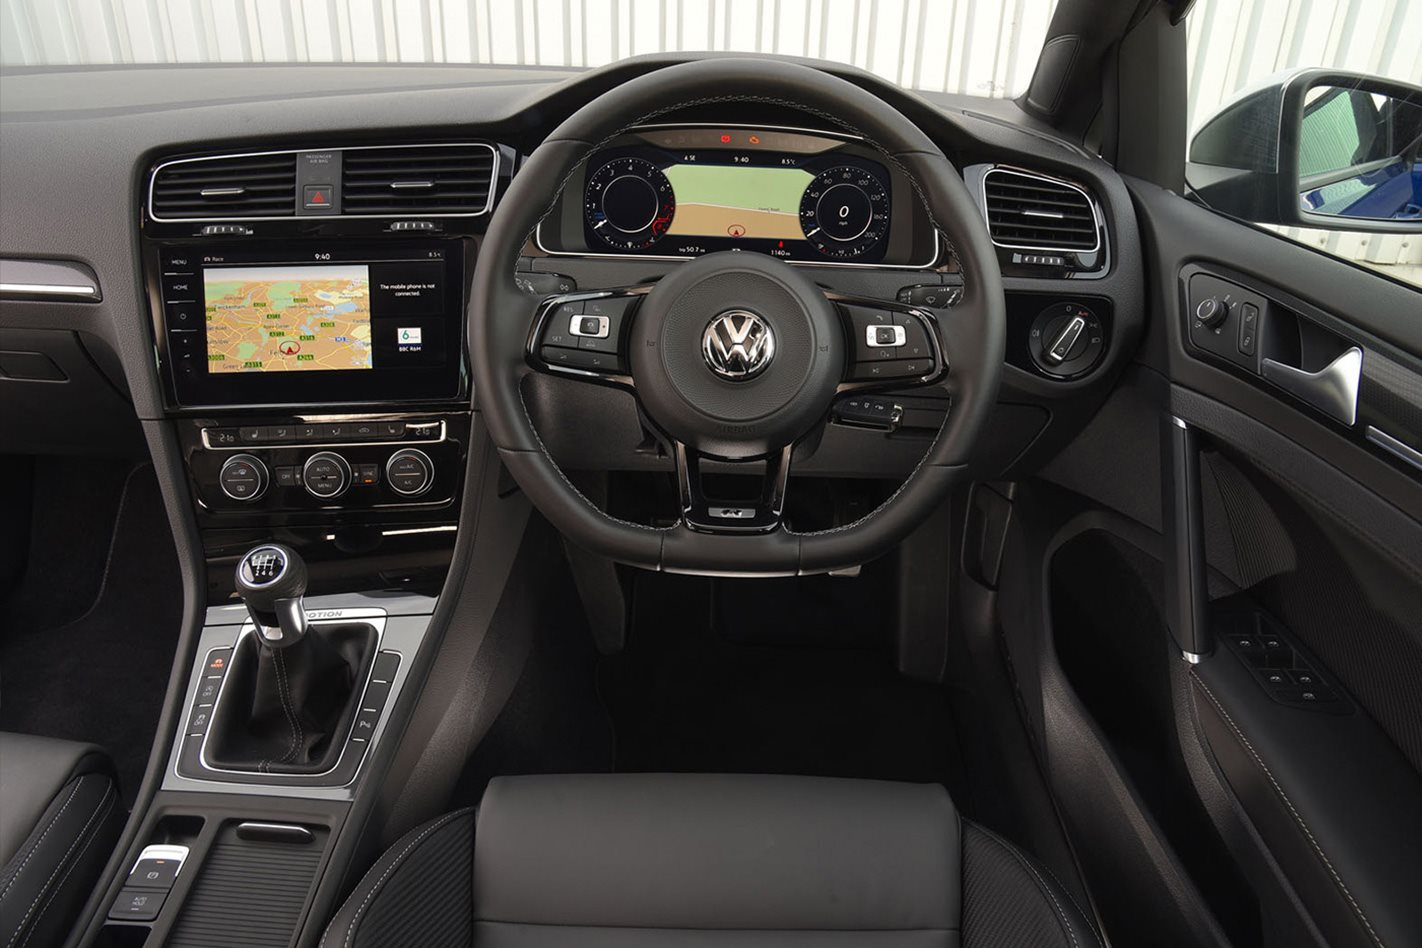 2017-Volkswagen-Golf-R-manual-steering-wheel.jpg